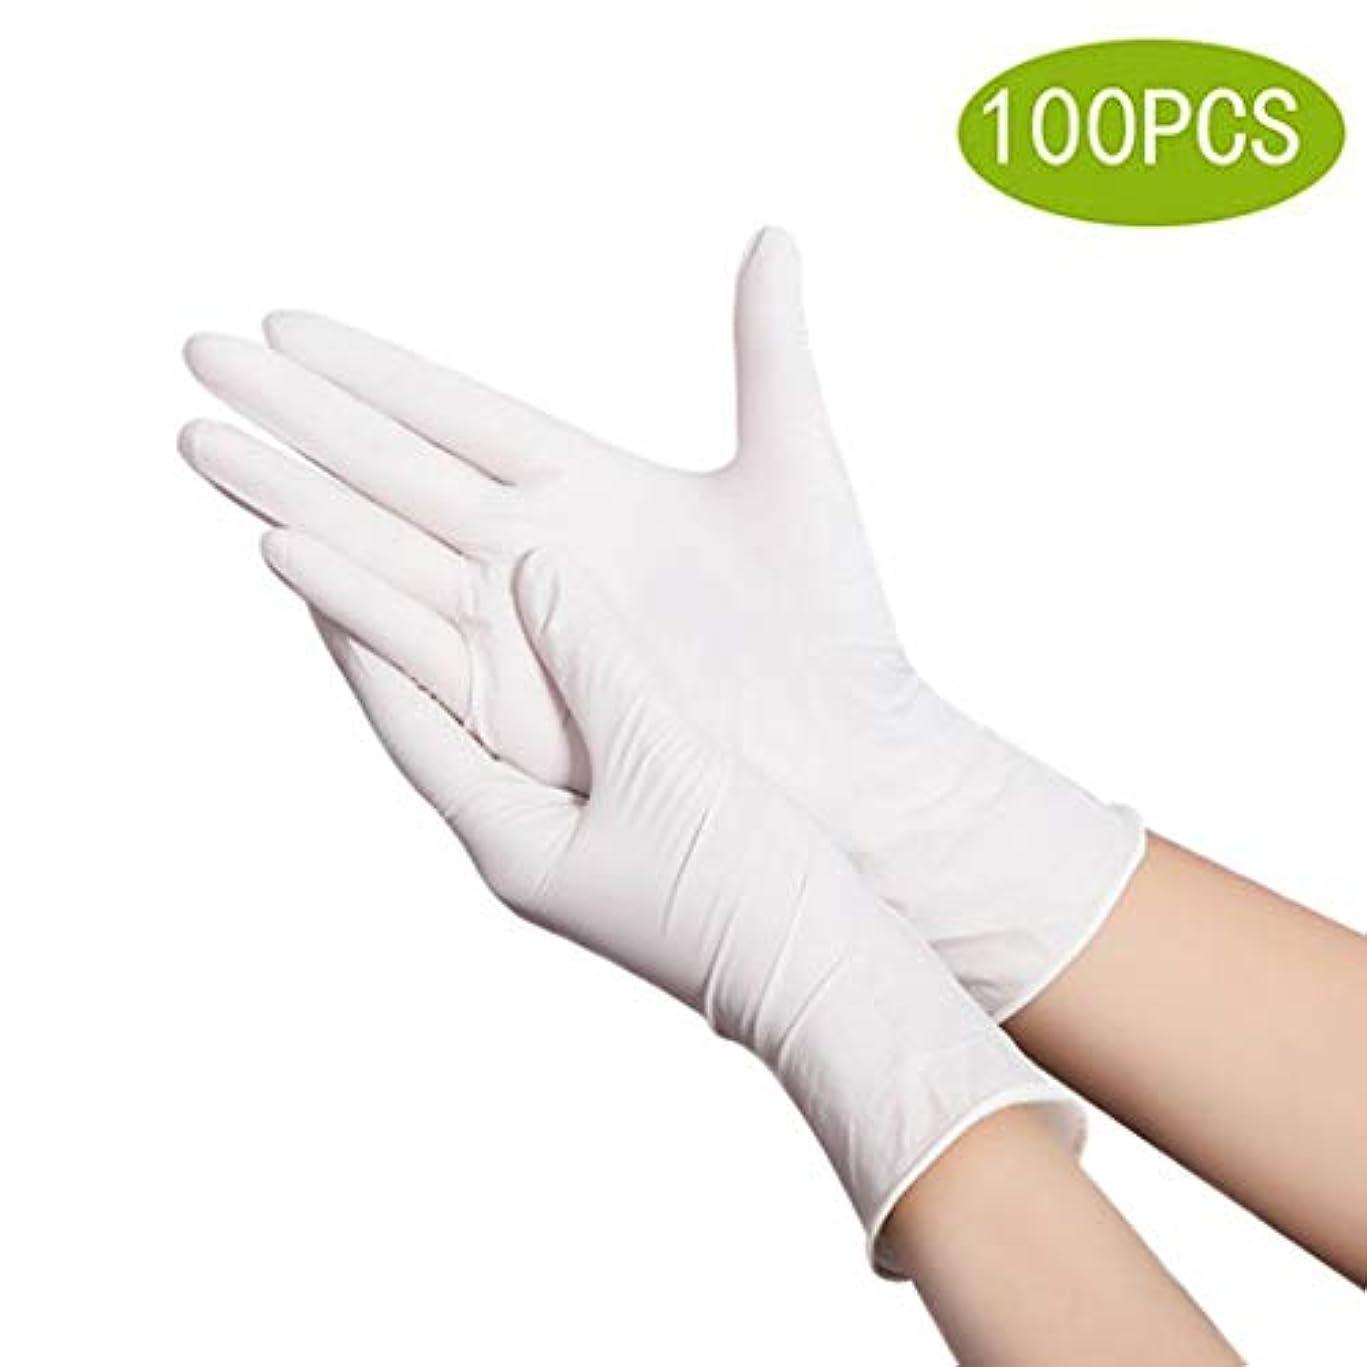 騒々しいアイロニー爆発するニトリル手袋4ミル厚ヘビーデューティー使い捨て手袋 - 工業用および家庭用 - パウダーフリー - ナチュラルホワイト(100カウント) (Size : S)